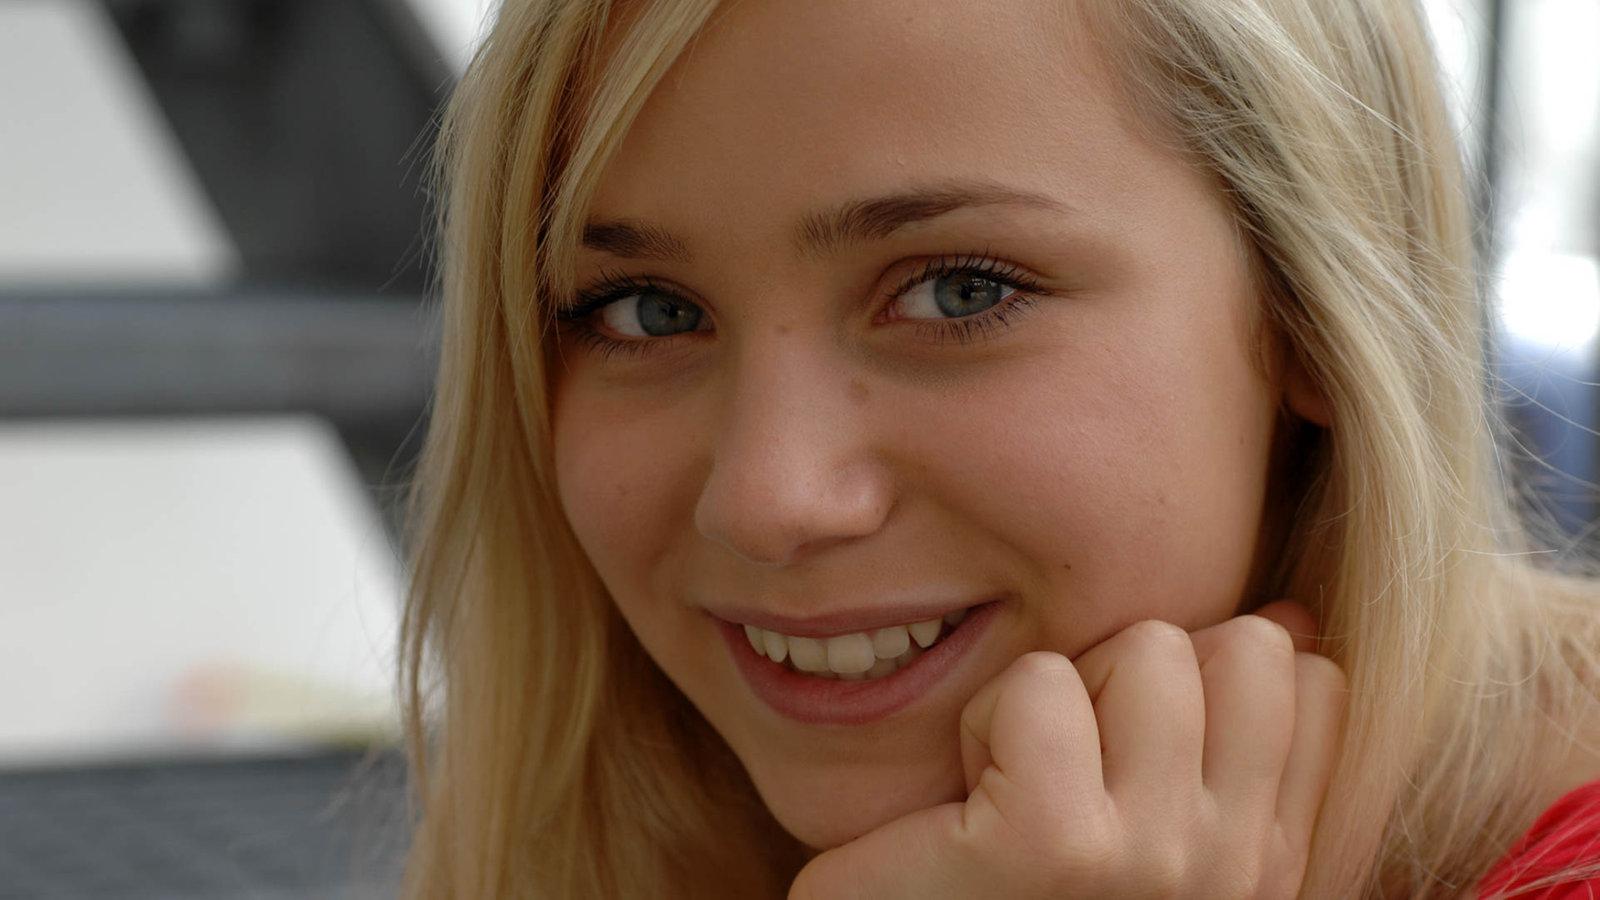 Anna-Sophia Claus